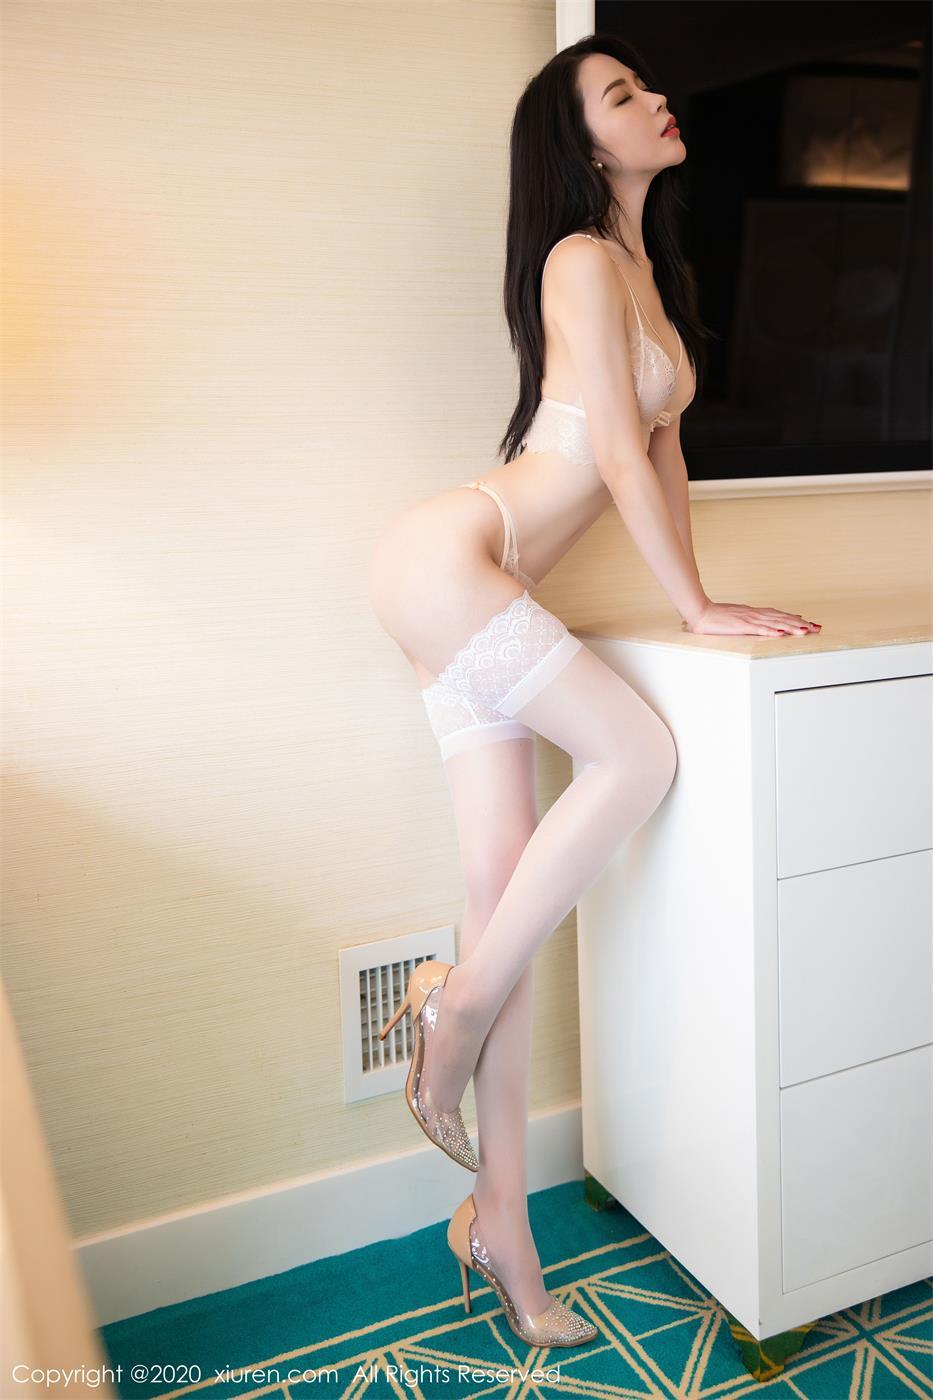 梦心月 – 性感女郎写真合集下载